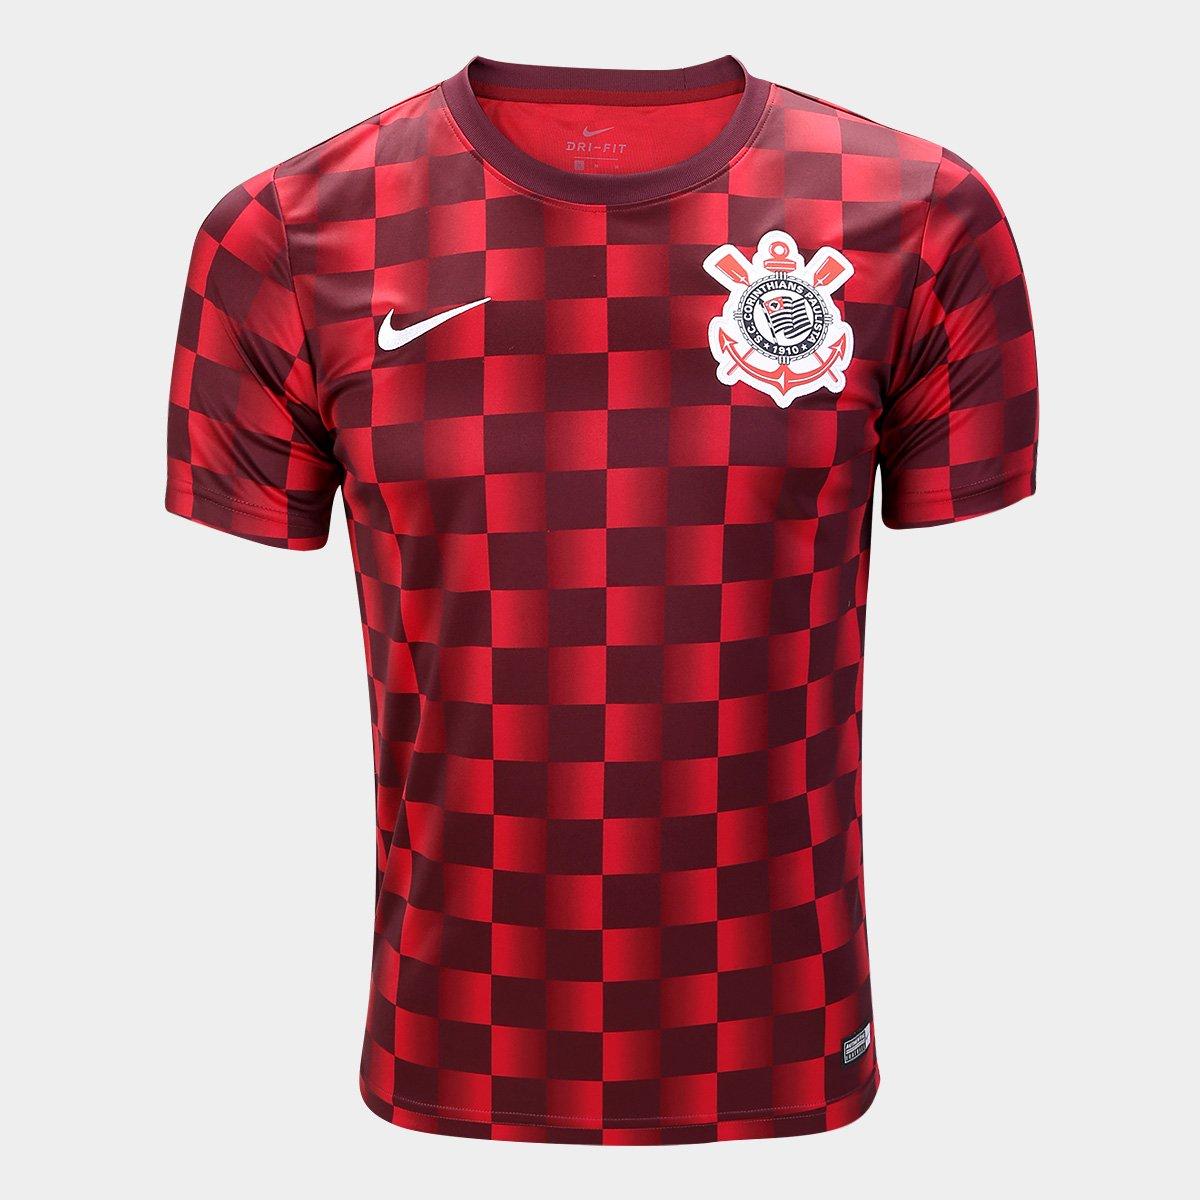 0eadc9acd3 Camisa Corinthians Pré Jogo 19 20 Nike Masculina - Marrom e Vermelho ...